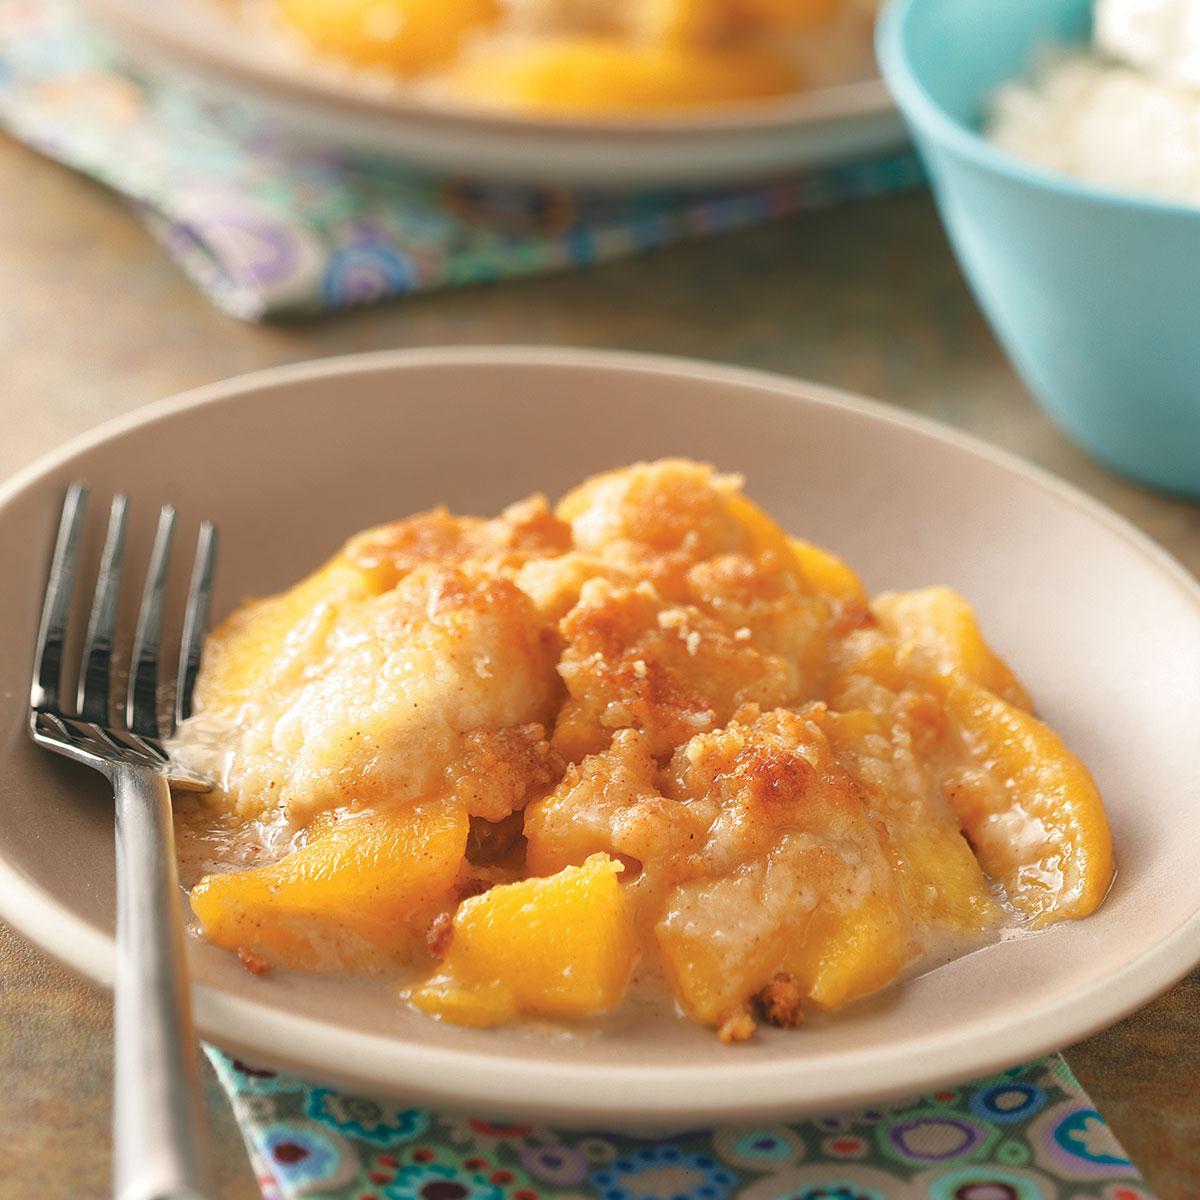 Peach Crumble Dessert Recipe